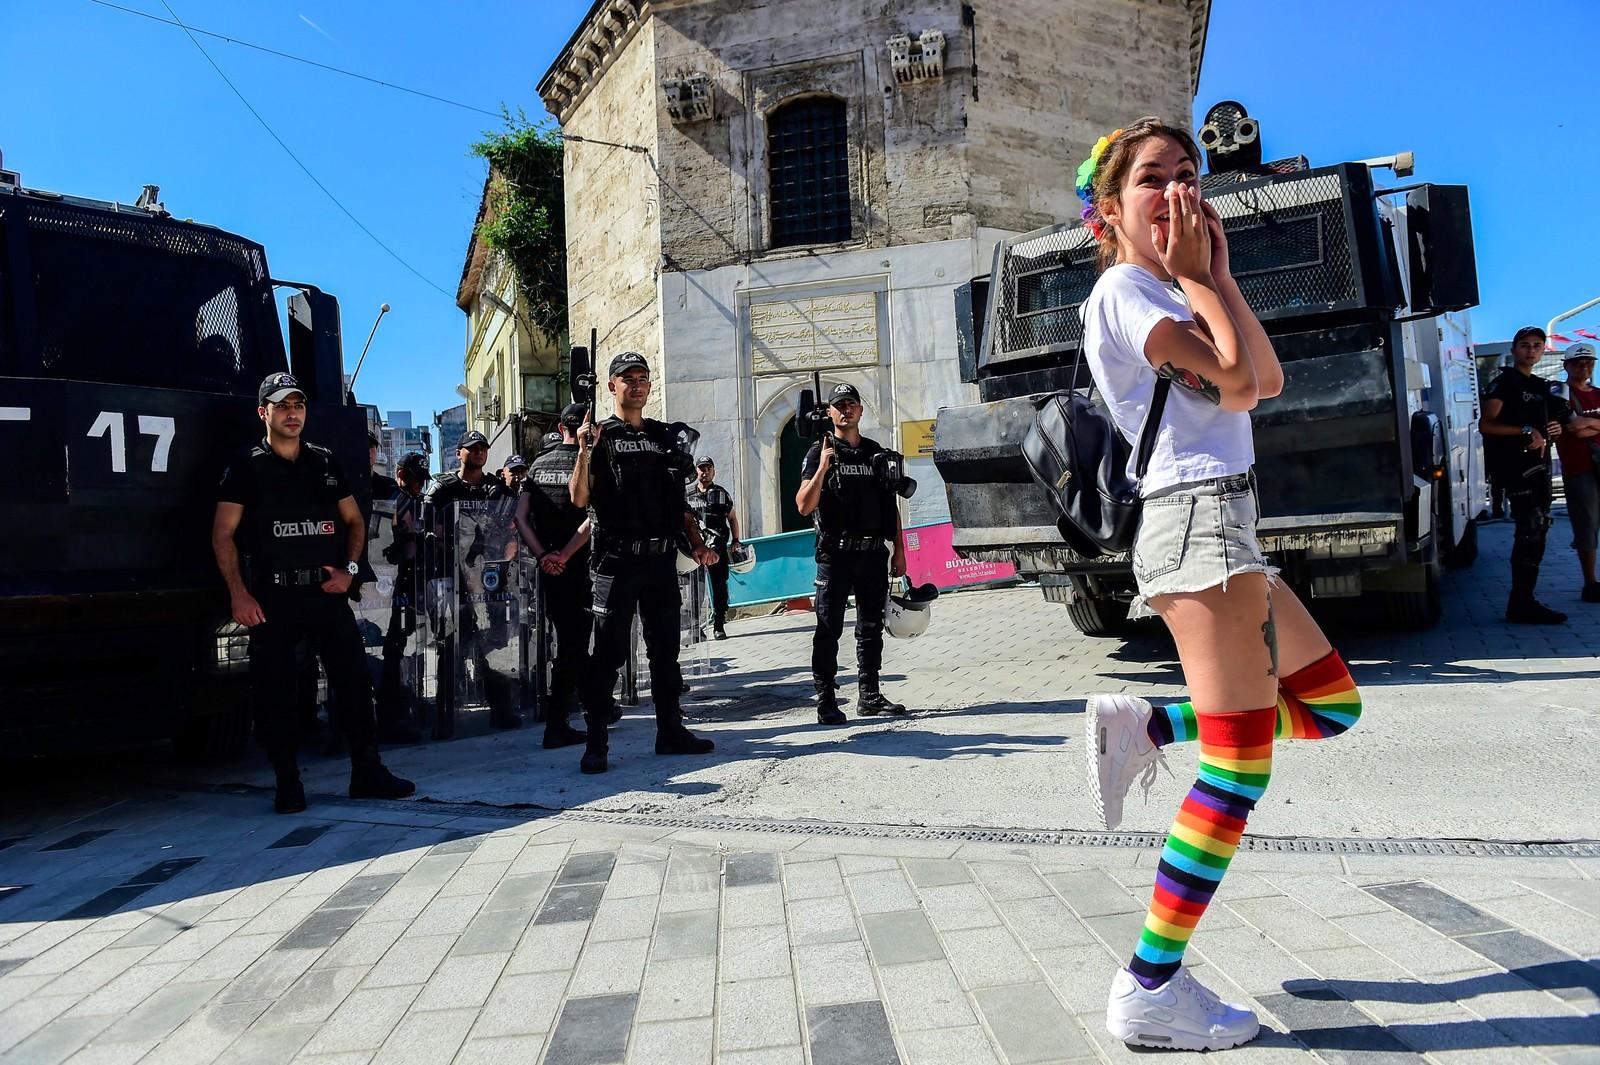 Tyrkisk opprørspoliti forsøker å stoppe en pride-parade i Istanbul.